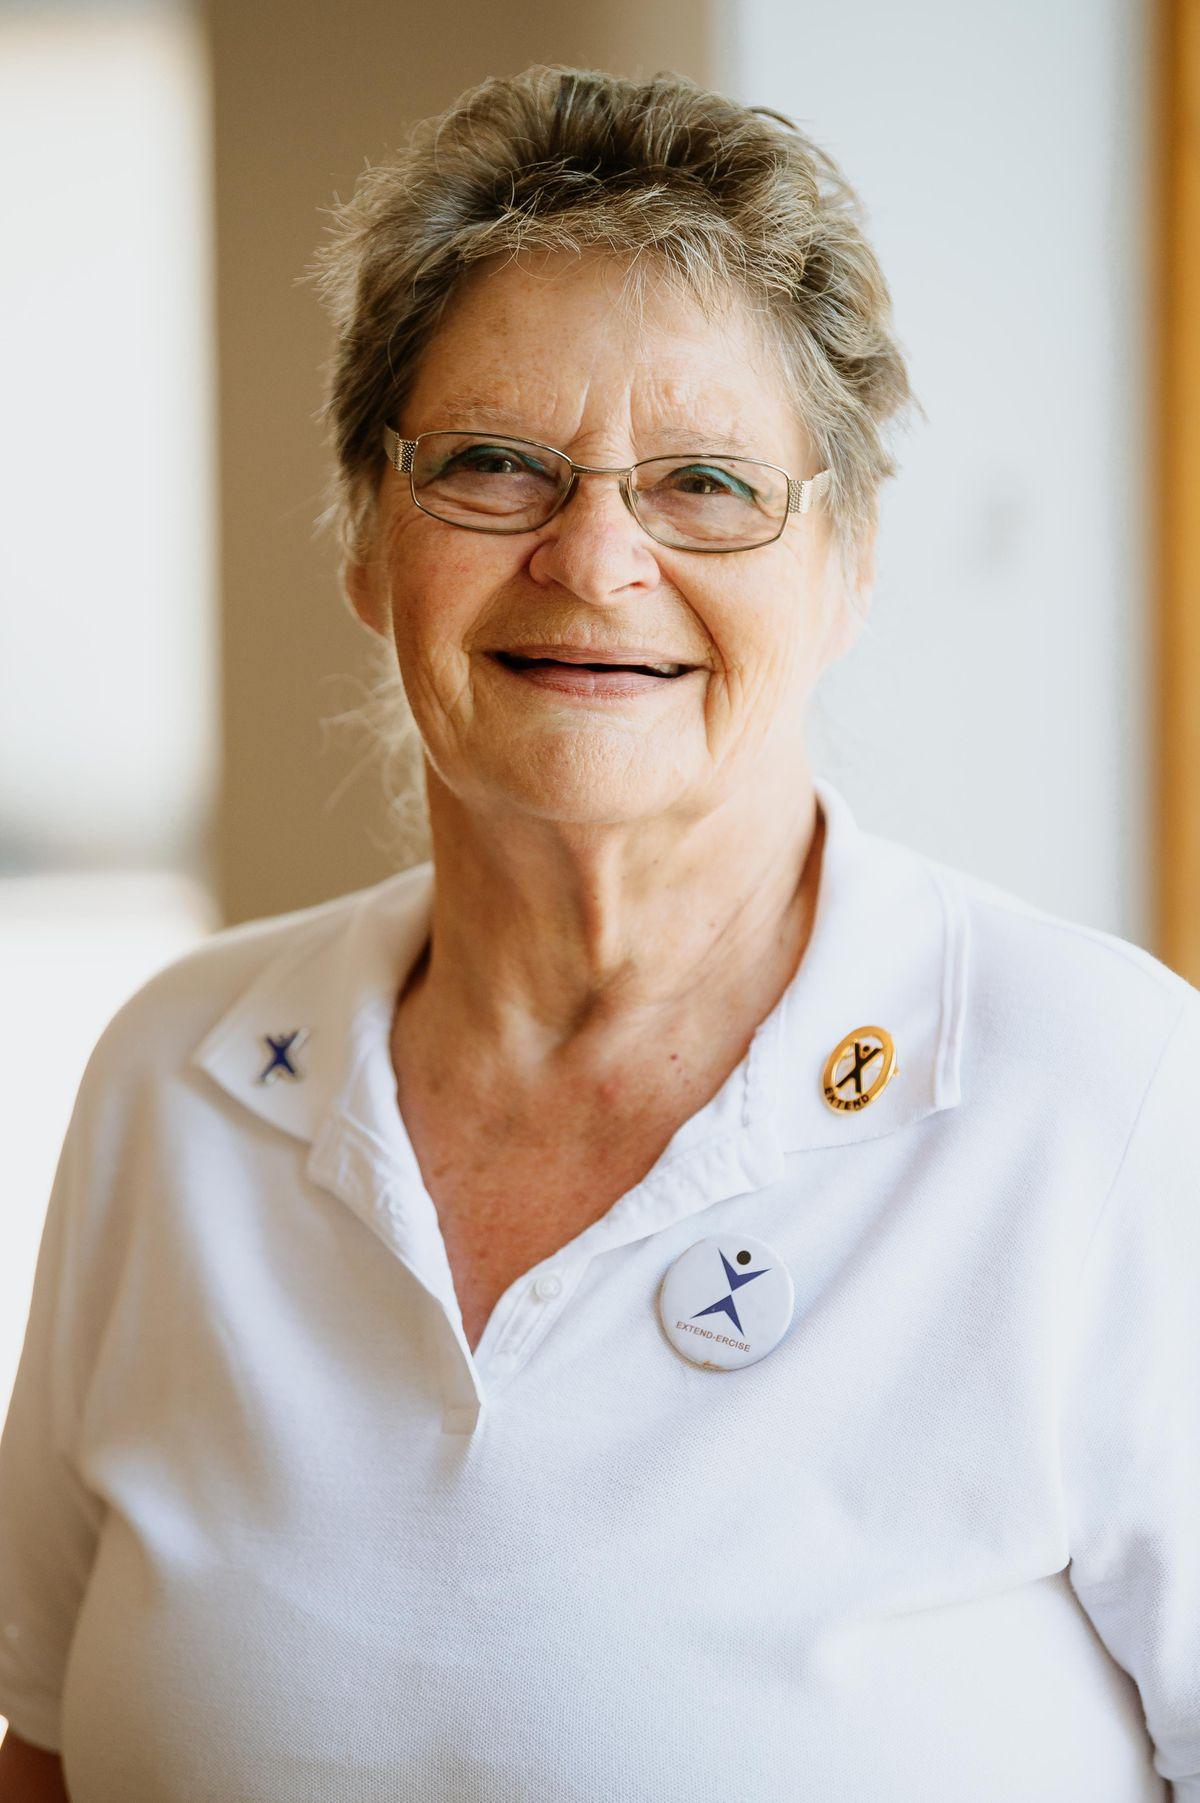 Sheila Caspell